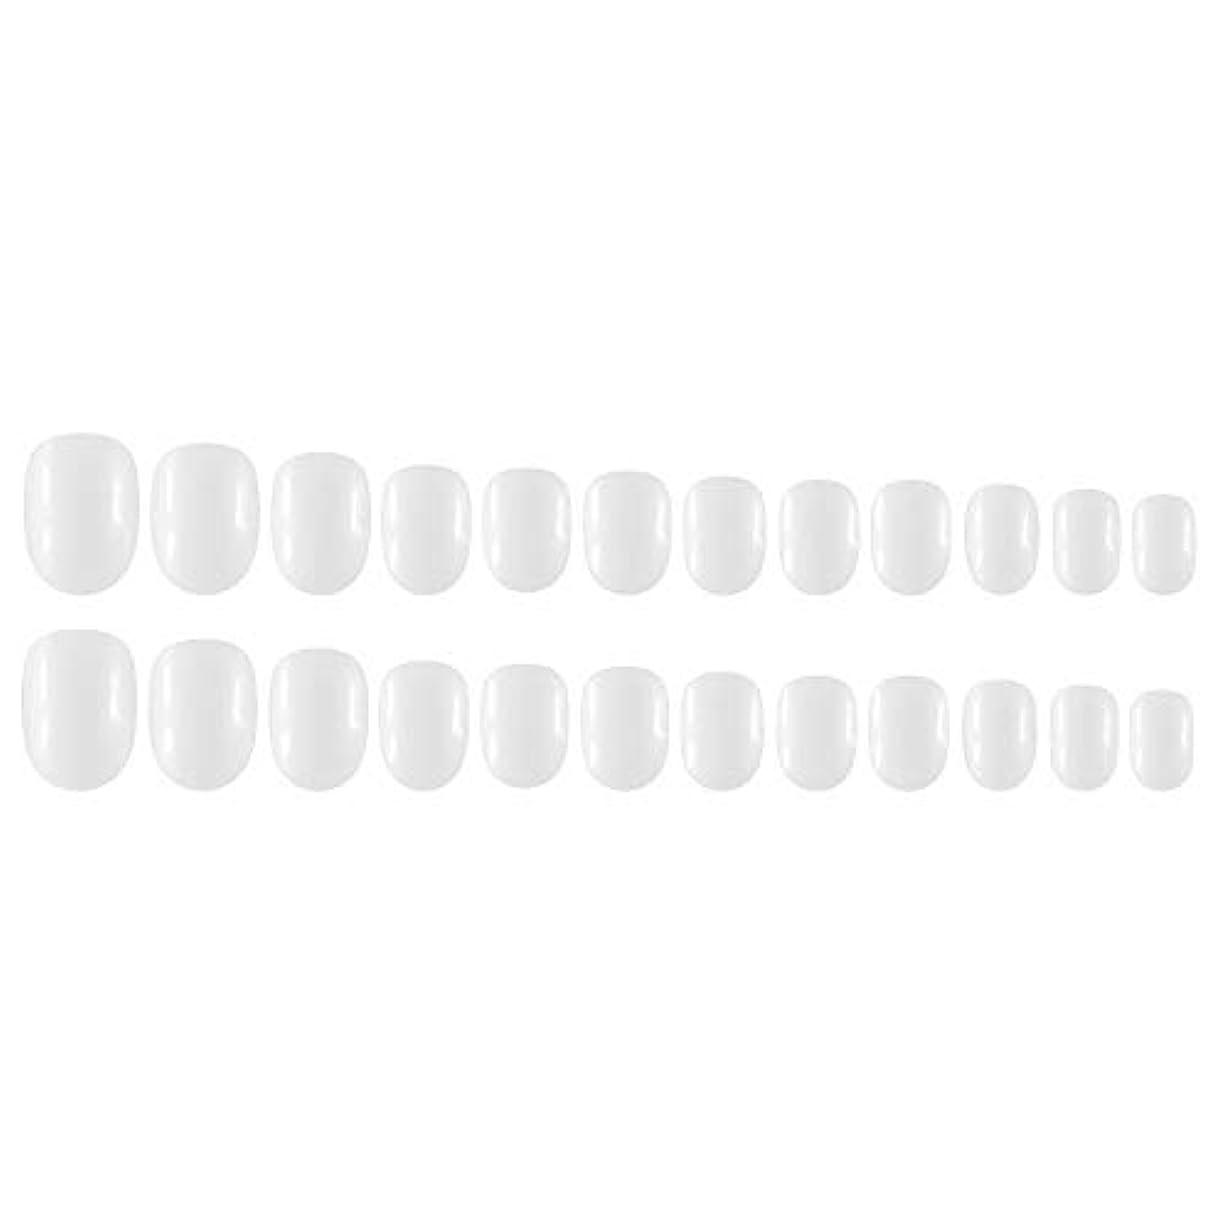 レディ集計どこDecdeal Decdeal ネイルチップ 24ピース 12異なるサイズ diy サロン ネイルアートツール 偽